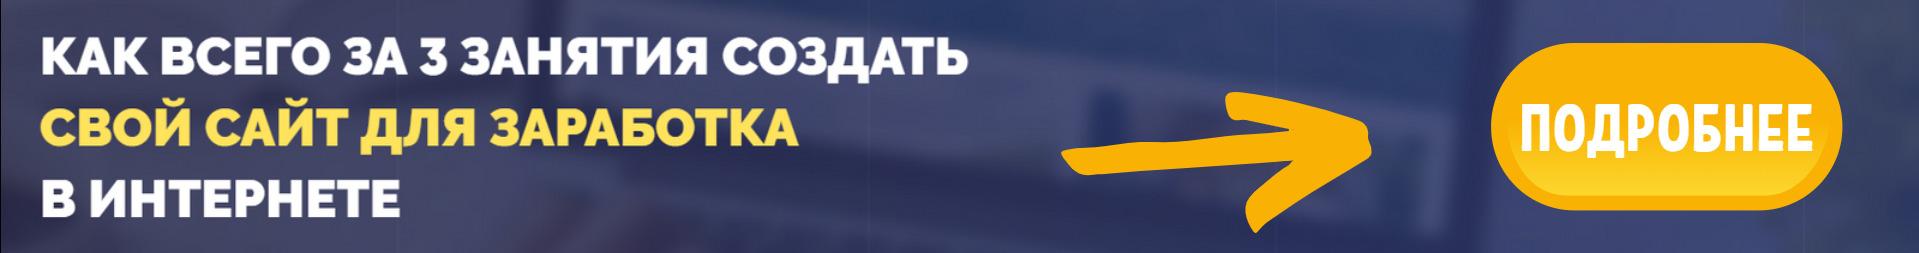 Е. Вергус Создай свой Сайт для заработка за 3 дня